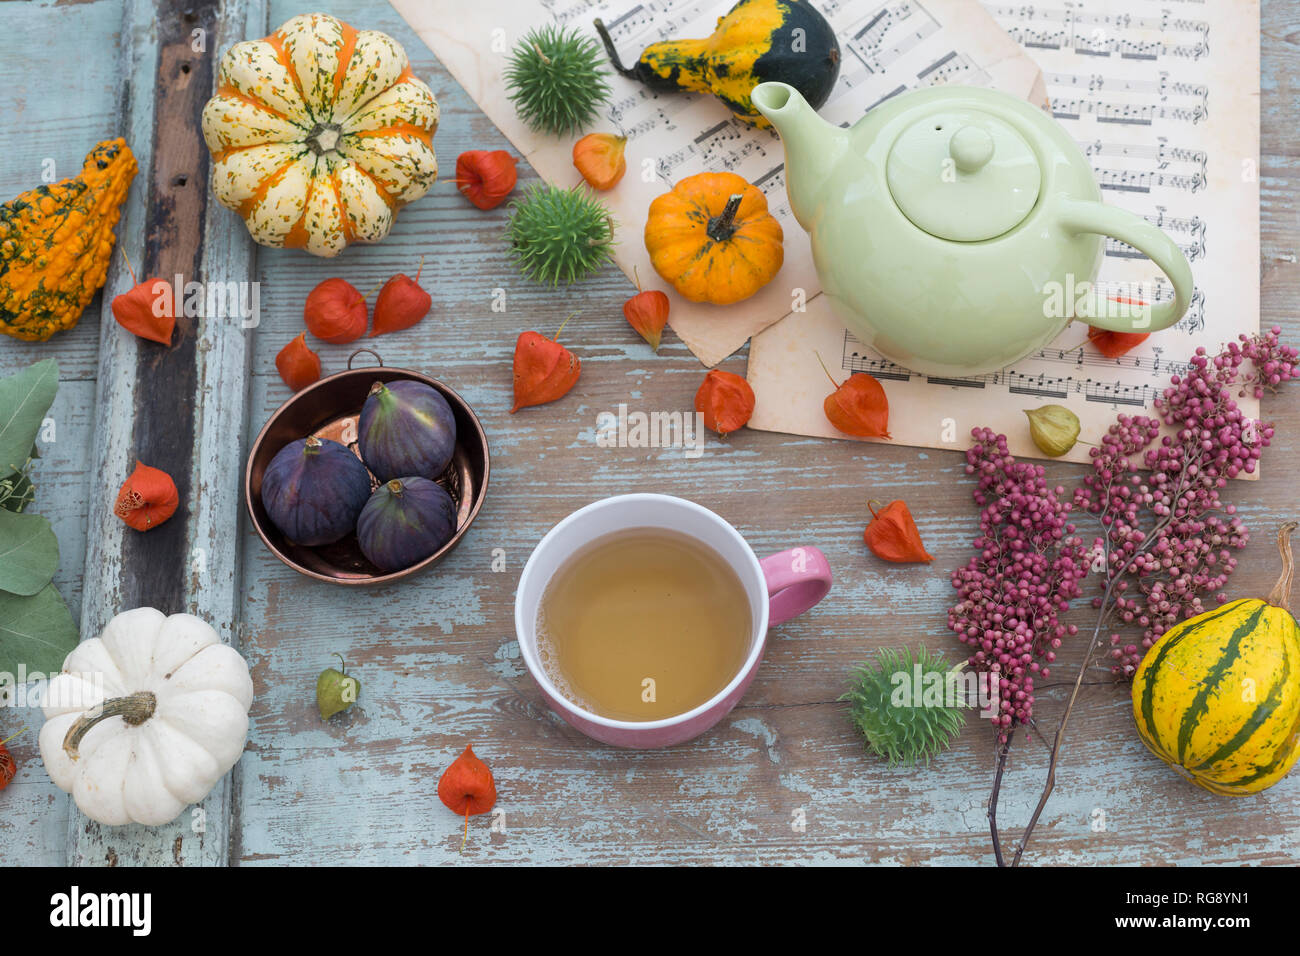 Autunnale di decorazioni per la tavola con zucche decorative, le lanterne cinesi Foto Stock